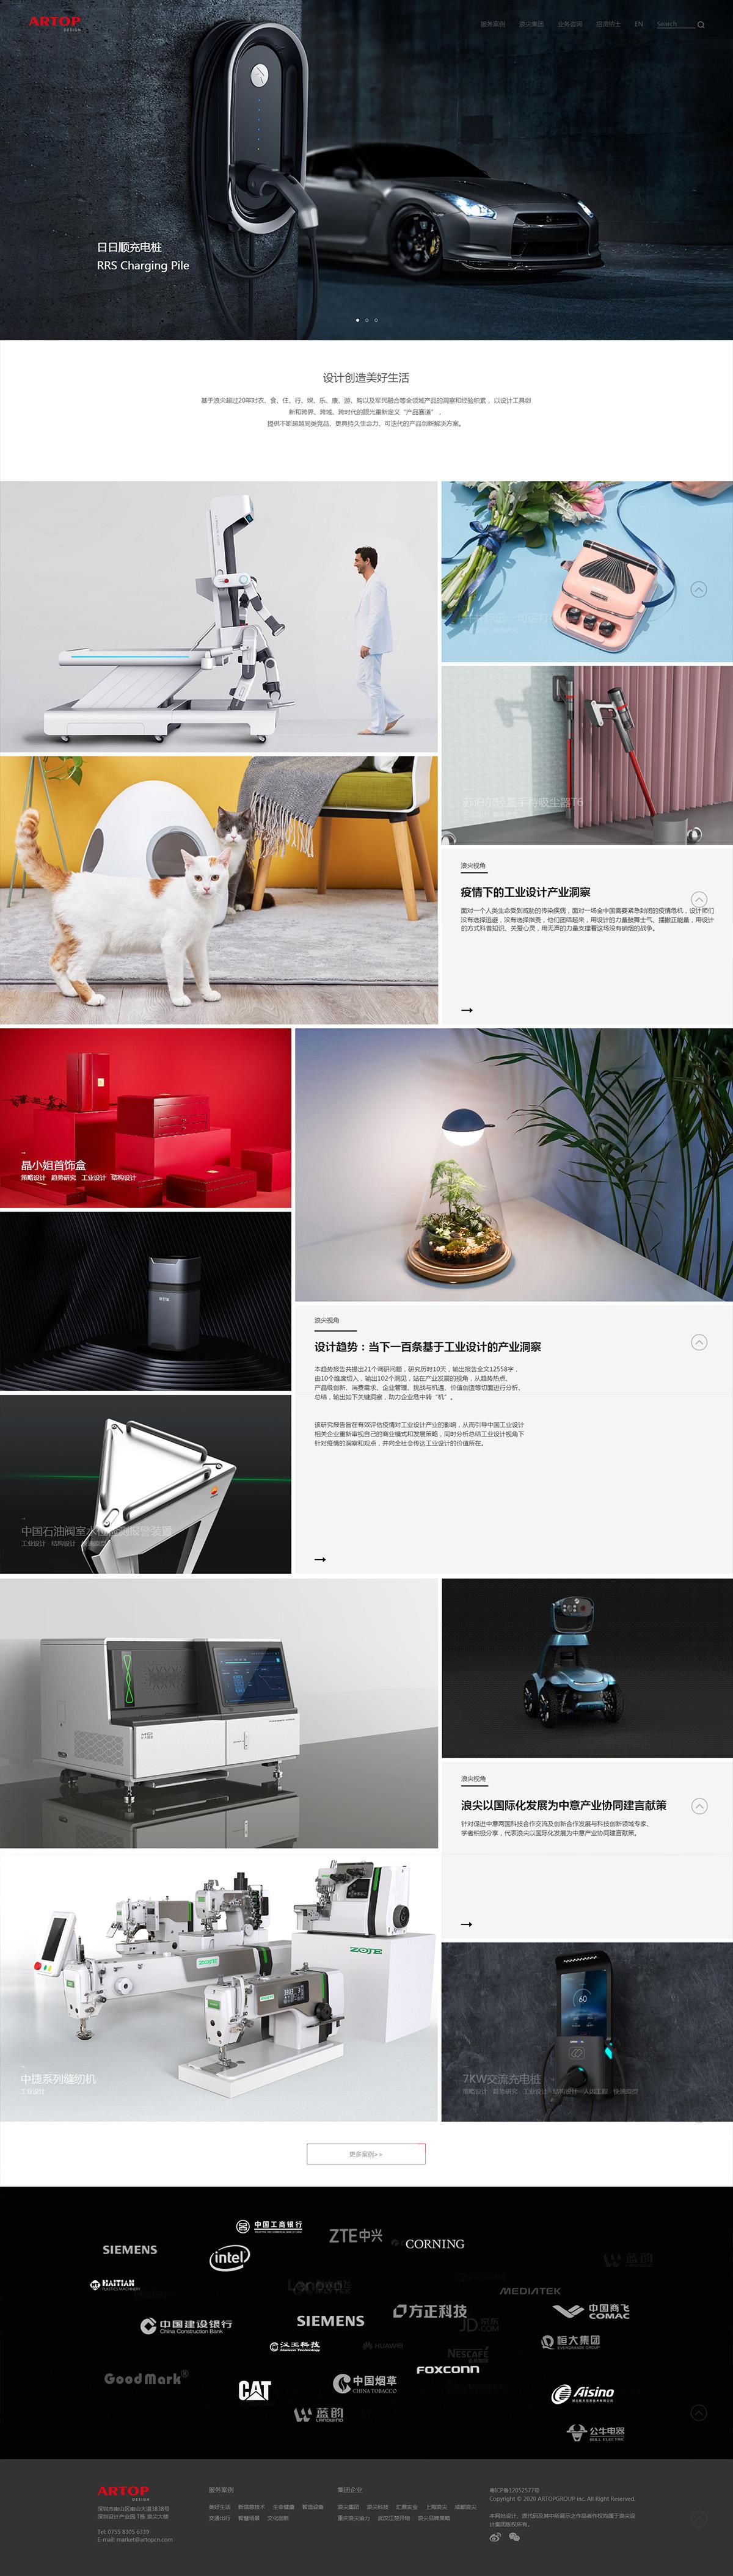 浪尖设计集团网站案例